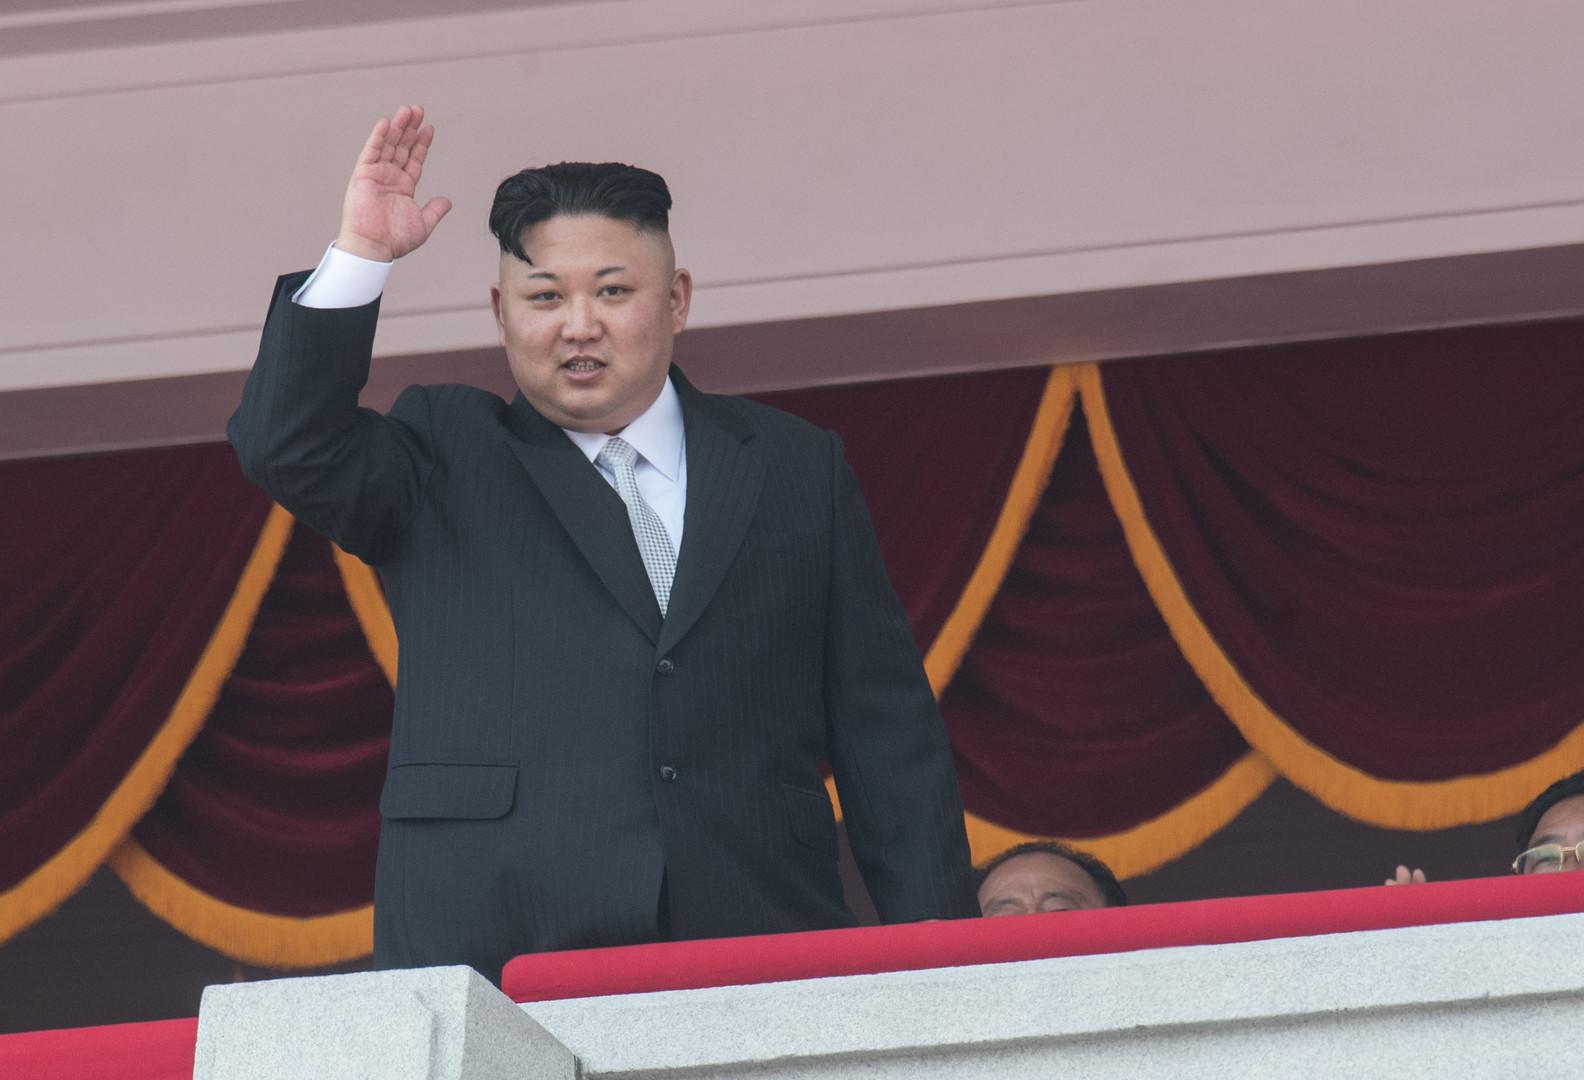 مأزق دونالد ترامب إزاء كوريا